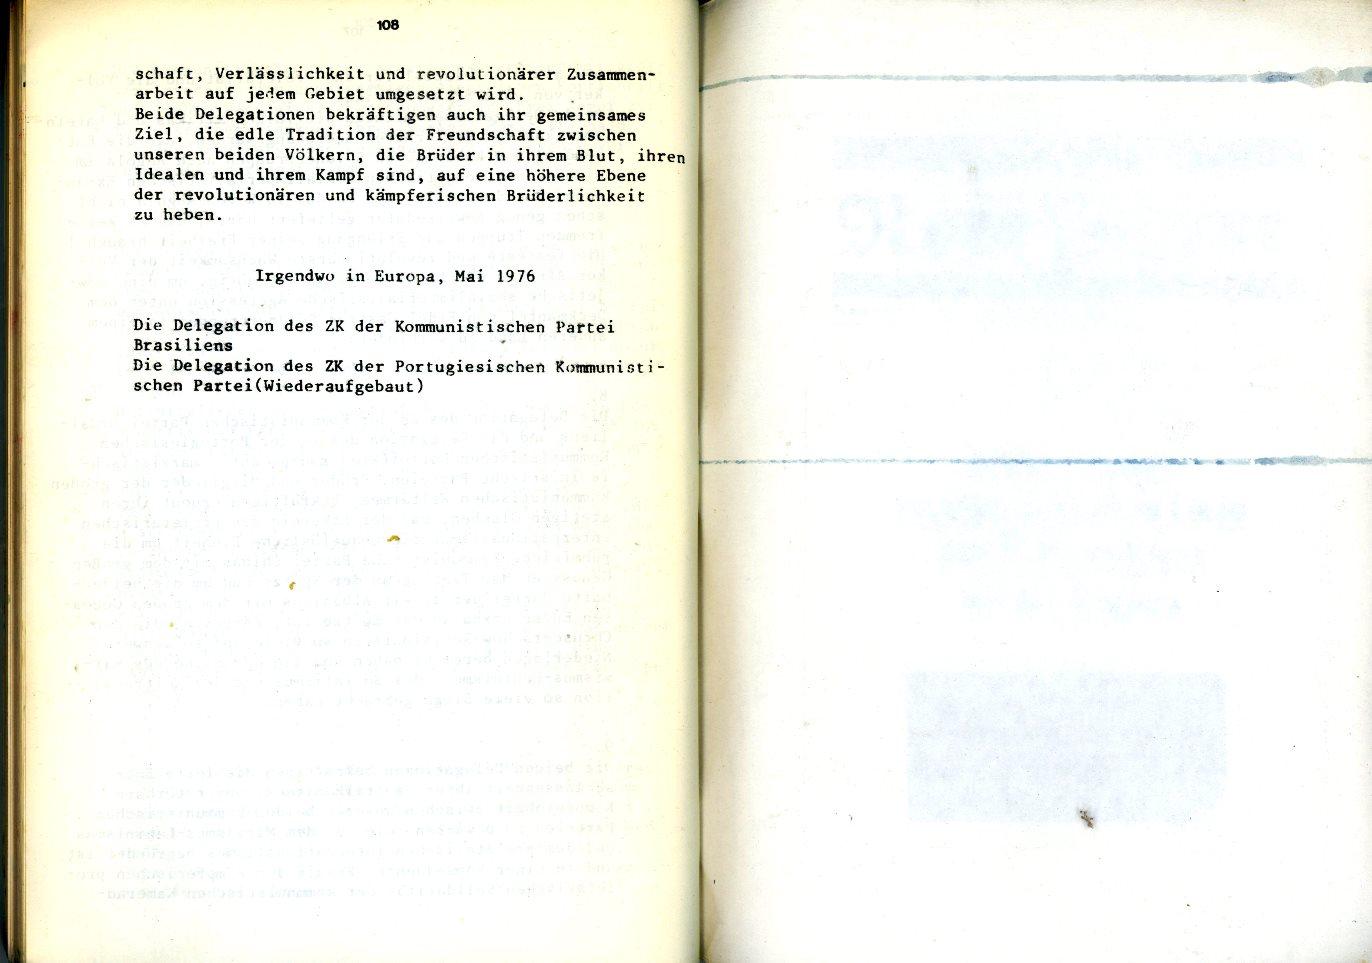 MLSK_Theorie_und_Praxis_des_ML_1978_20_63